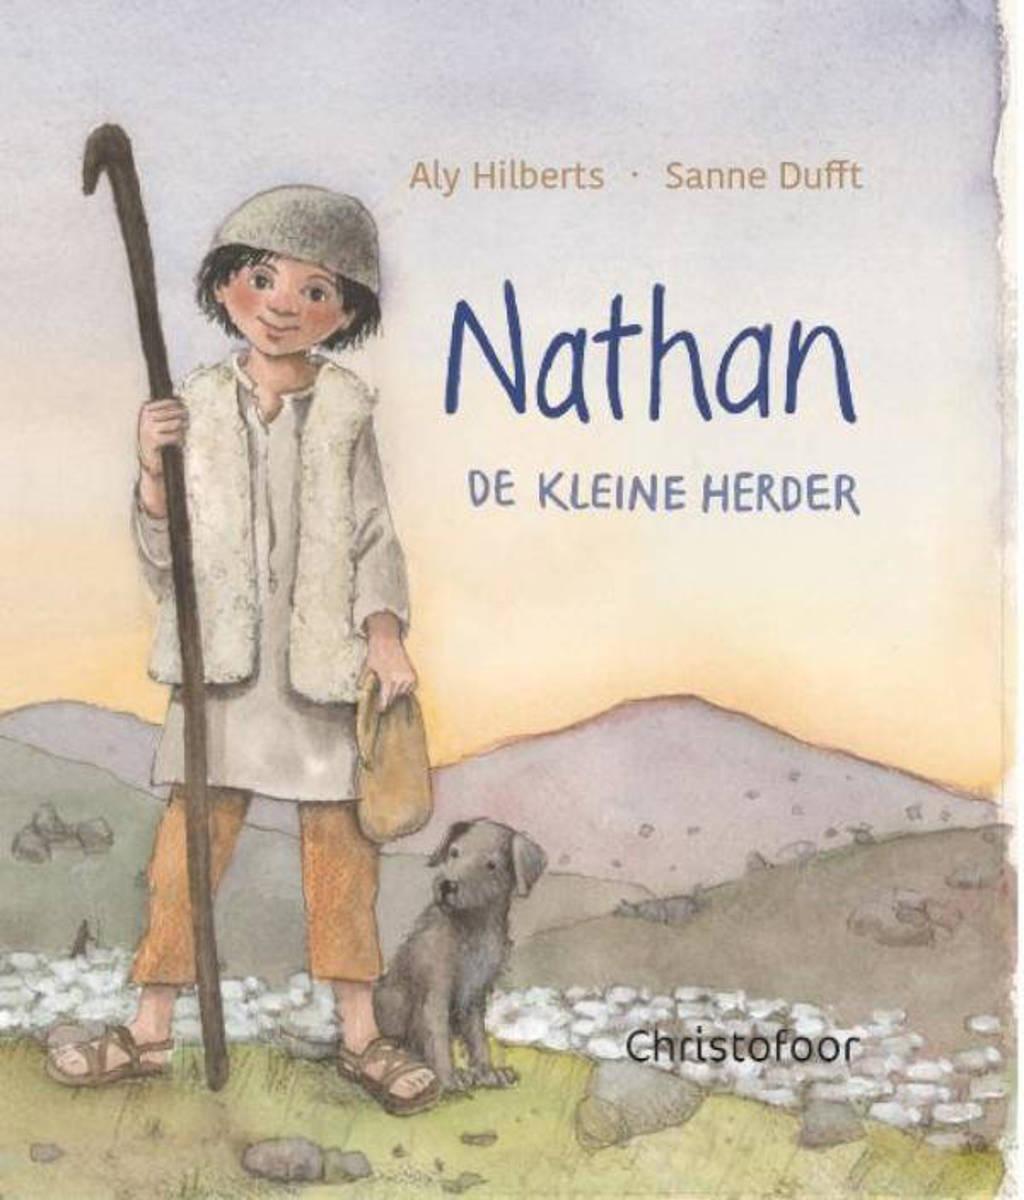 Nathan de kleine herder - Aly Hilberts